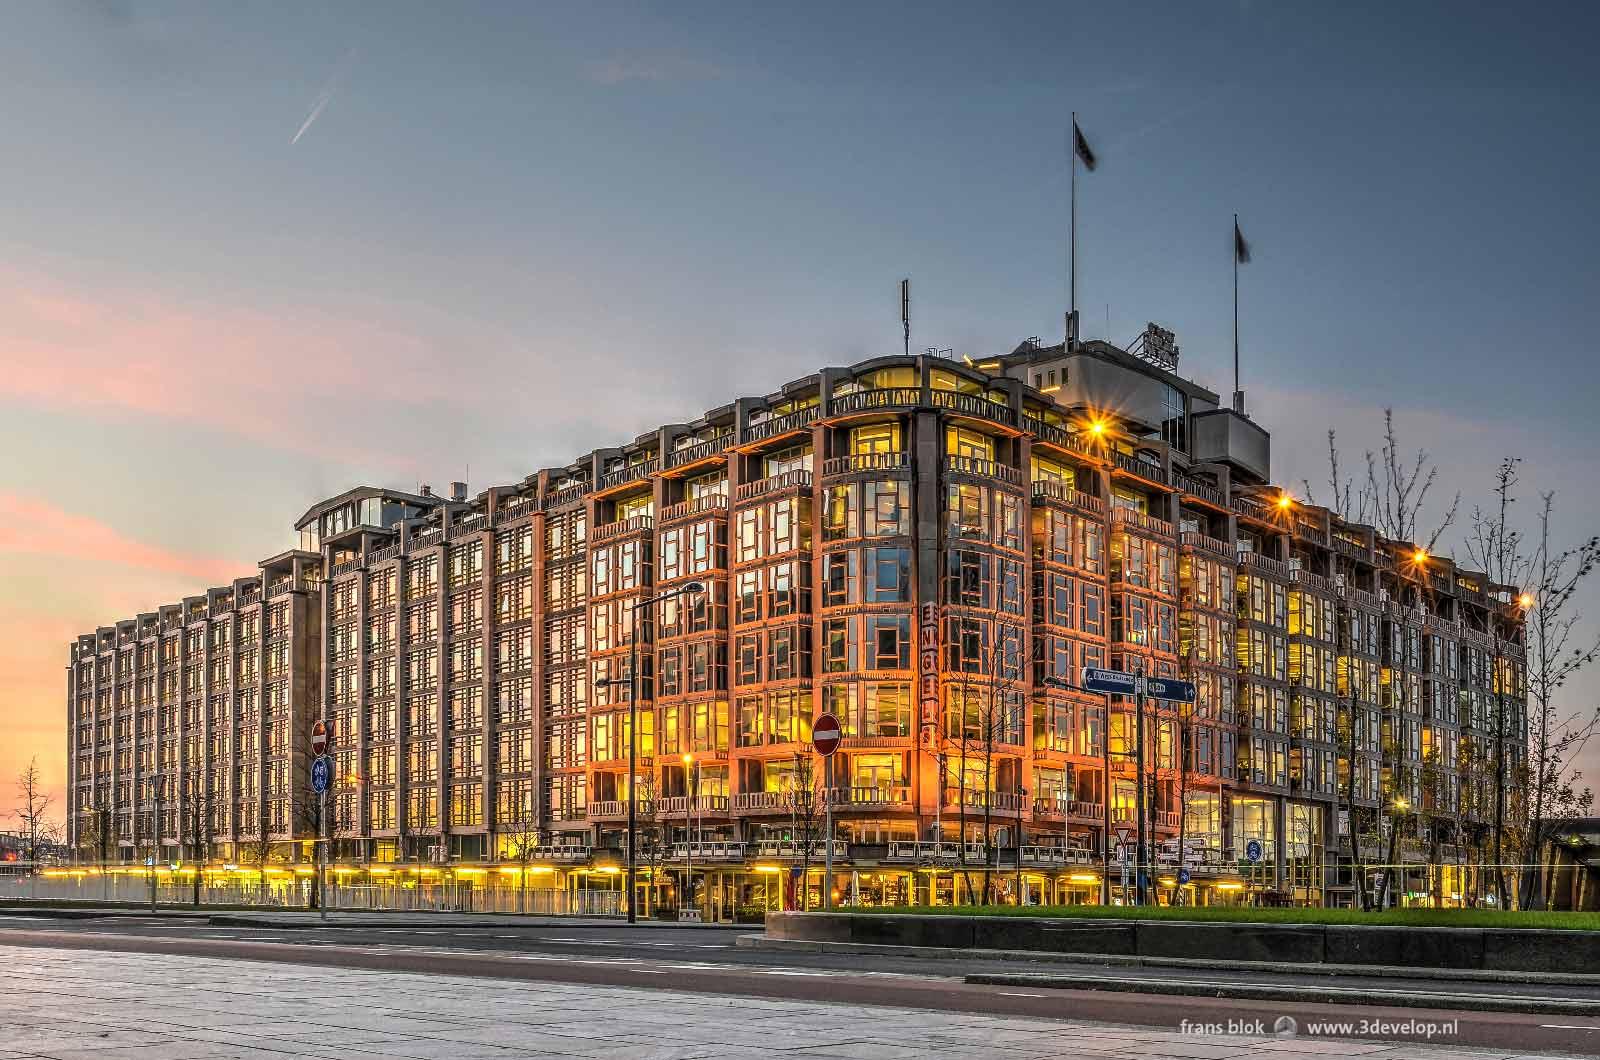 Het Groothandelsgebouw in Rotterdam, gefotografeerd vanaf het Weena tijdens de zonsondergang.